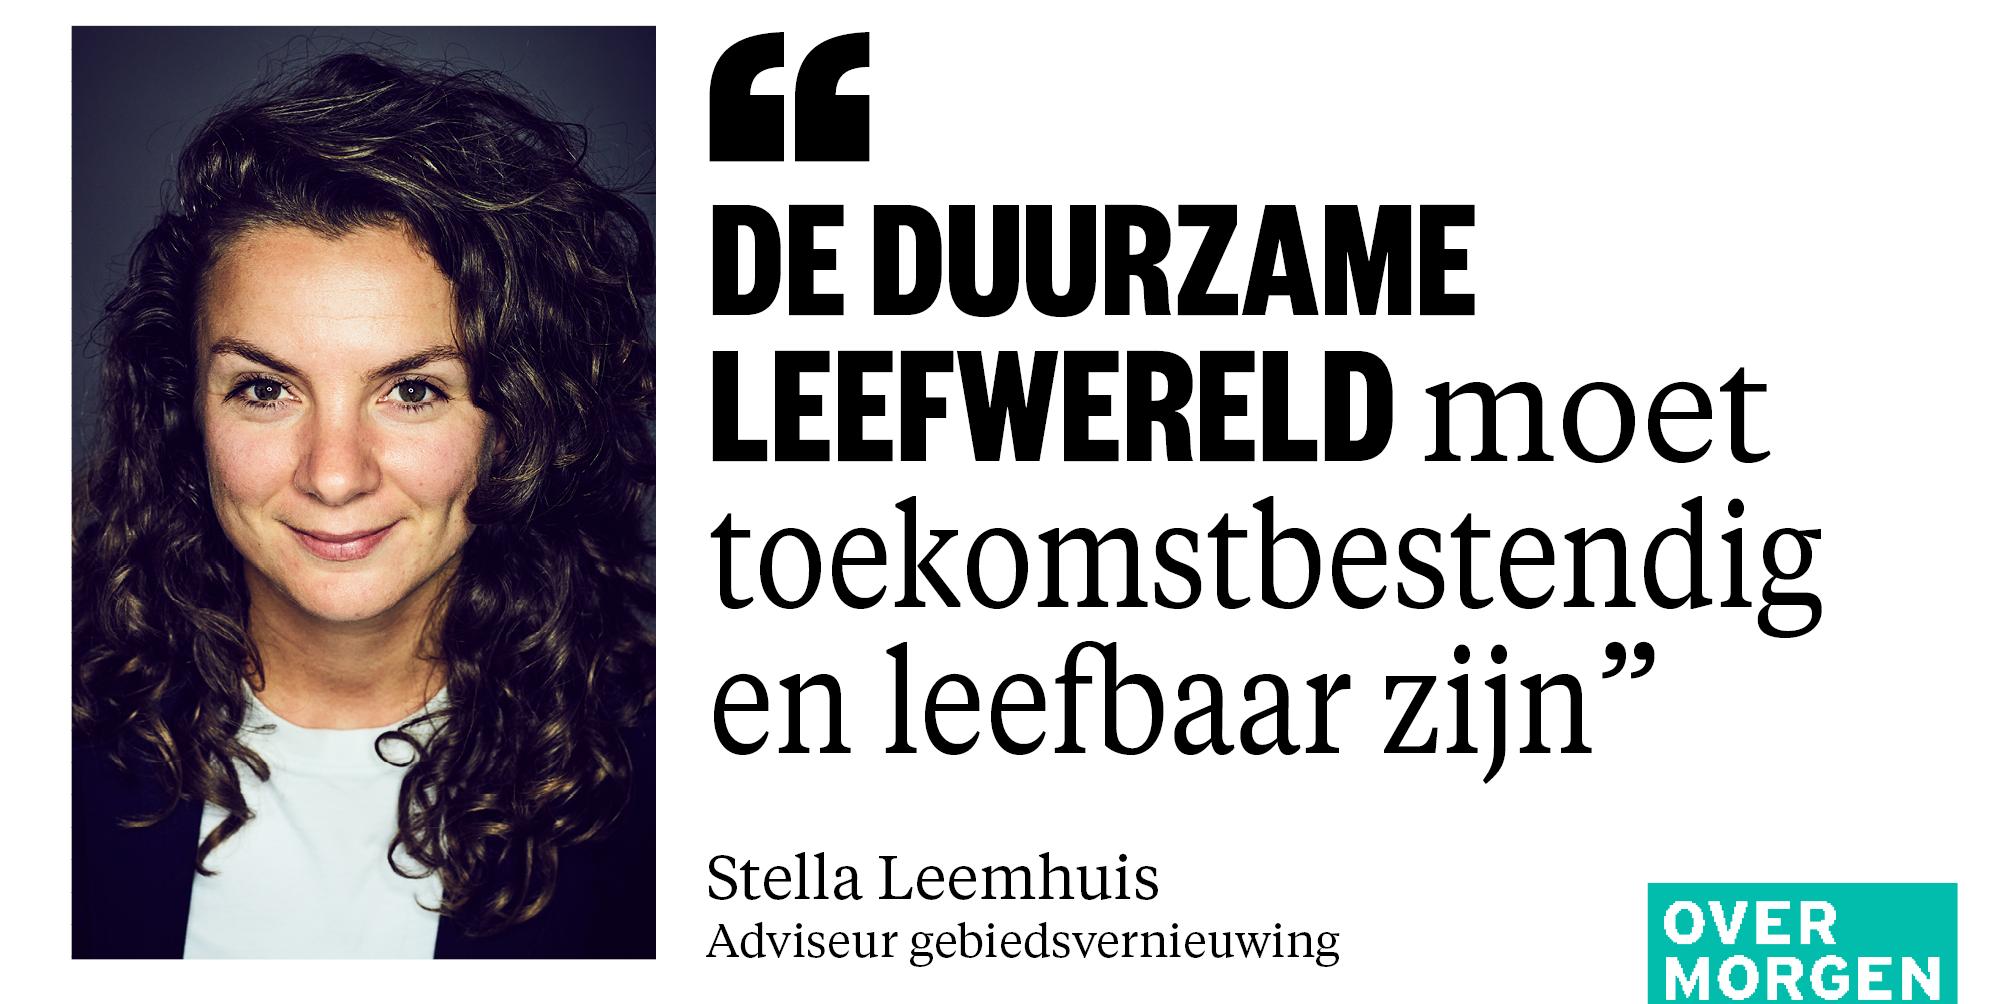 Stella Leemhuis